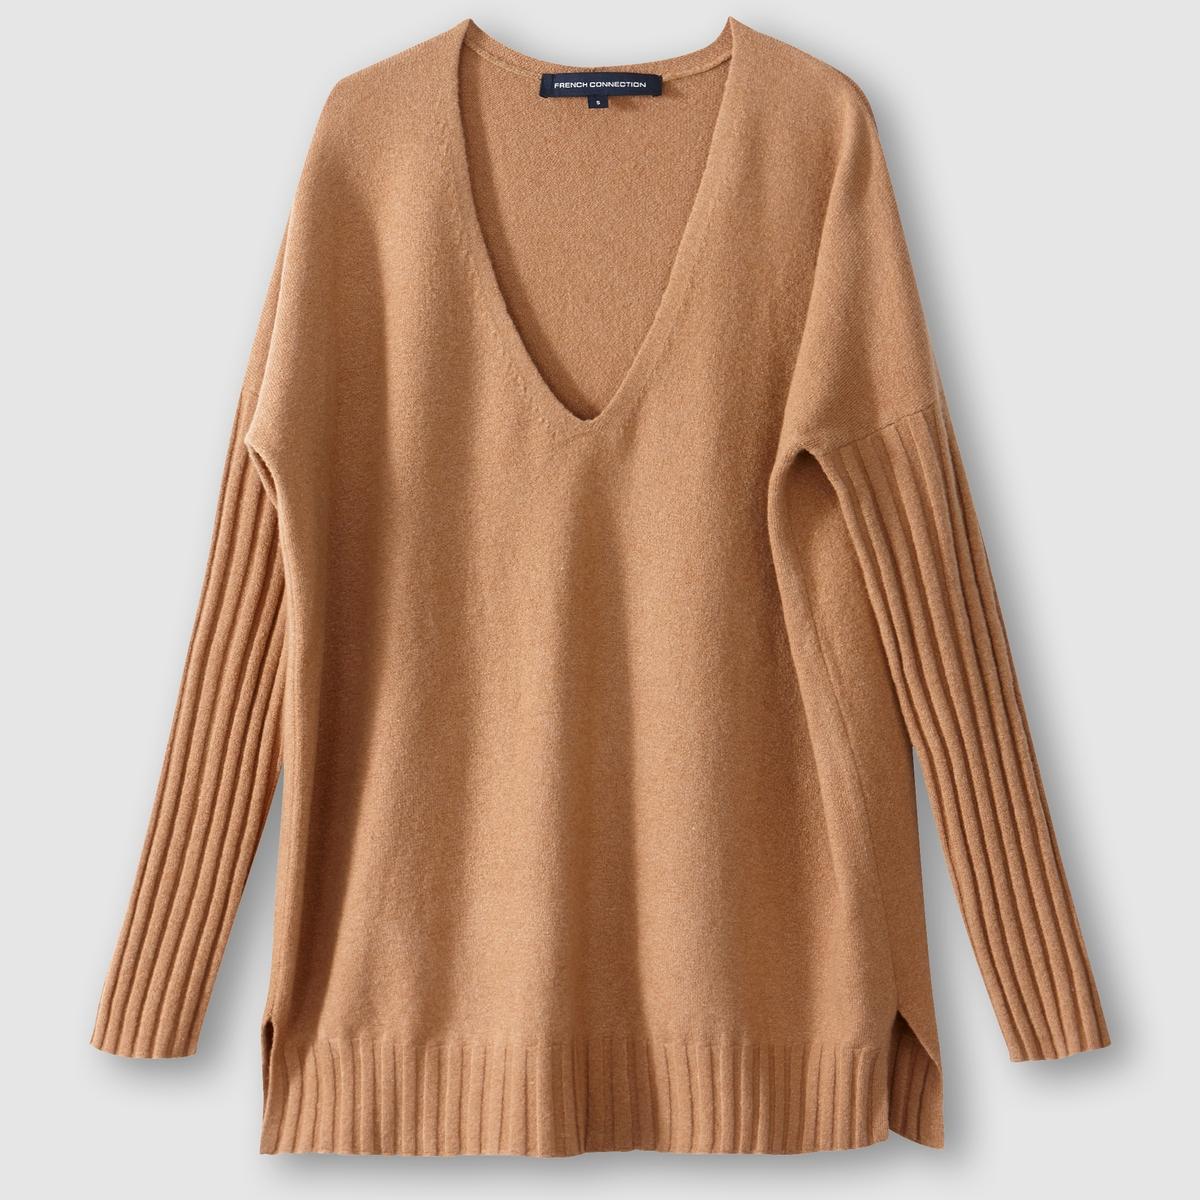 Пуловер из вязаного трикотажа с V-образным воротникомСостав и описание : Материал : 51% акрила, 26% нейлона, 14% хлопка, 7% шерсти, 2% спандекса (эластан). Марка : French ConnectionРазрезы по бокам.<br><br>Цвет: темно-бежевый<br>Размер: M